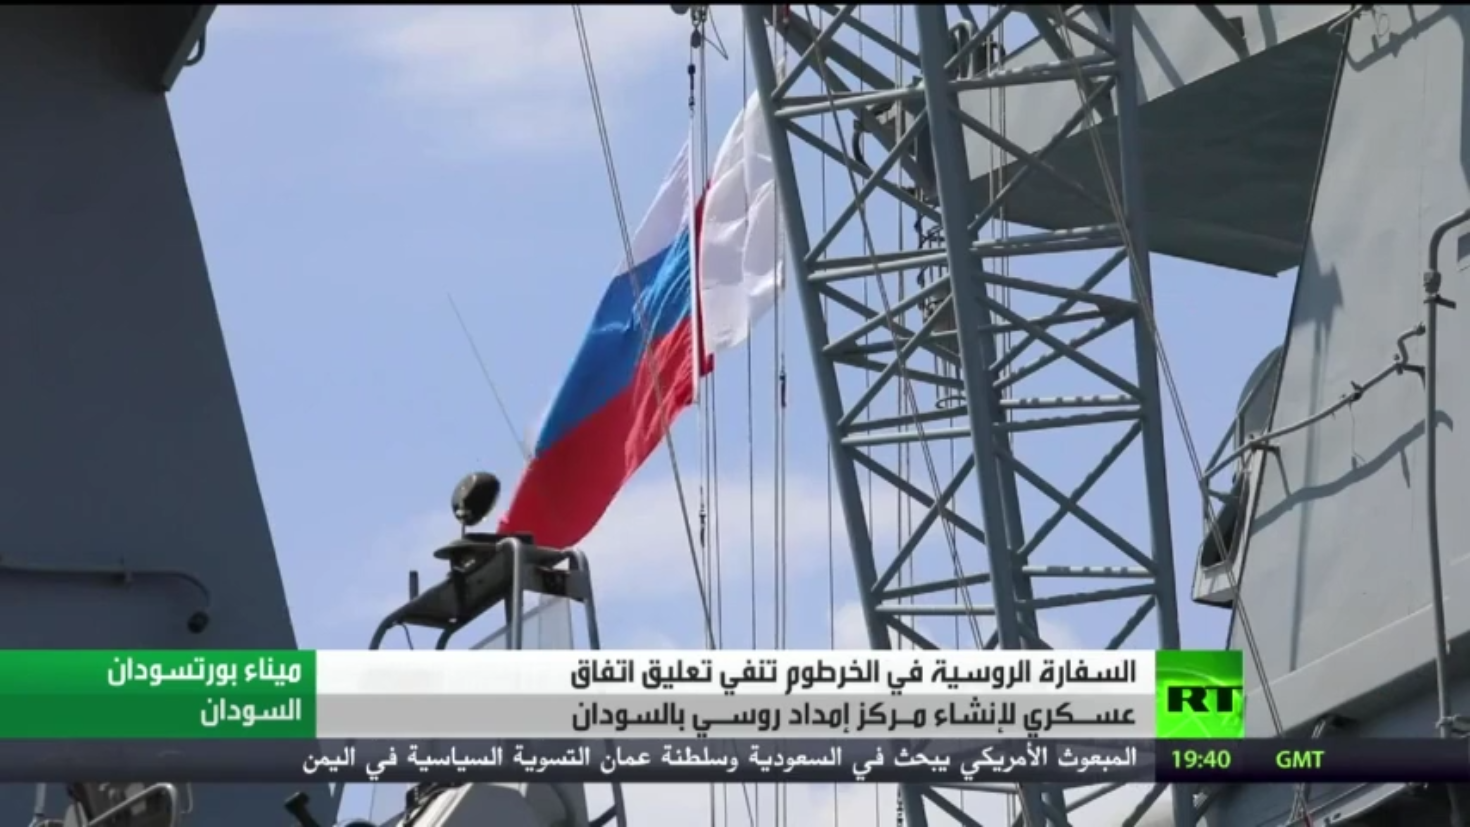 موسكو: تلقينا توضيح الخرطوم بصدد مركز الإمداد البحري الروسي على ساحل السودان